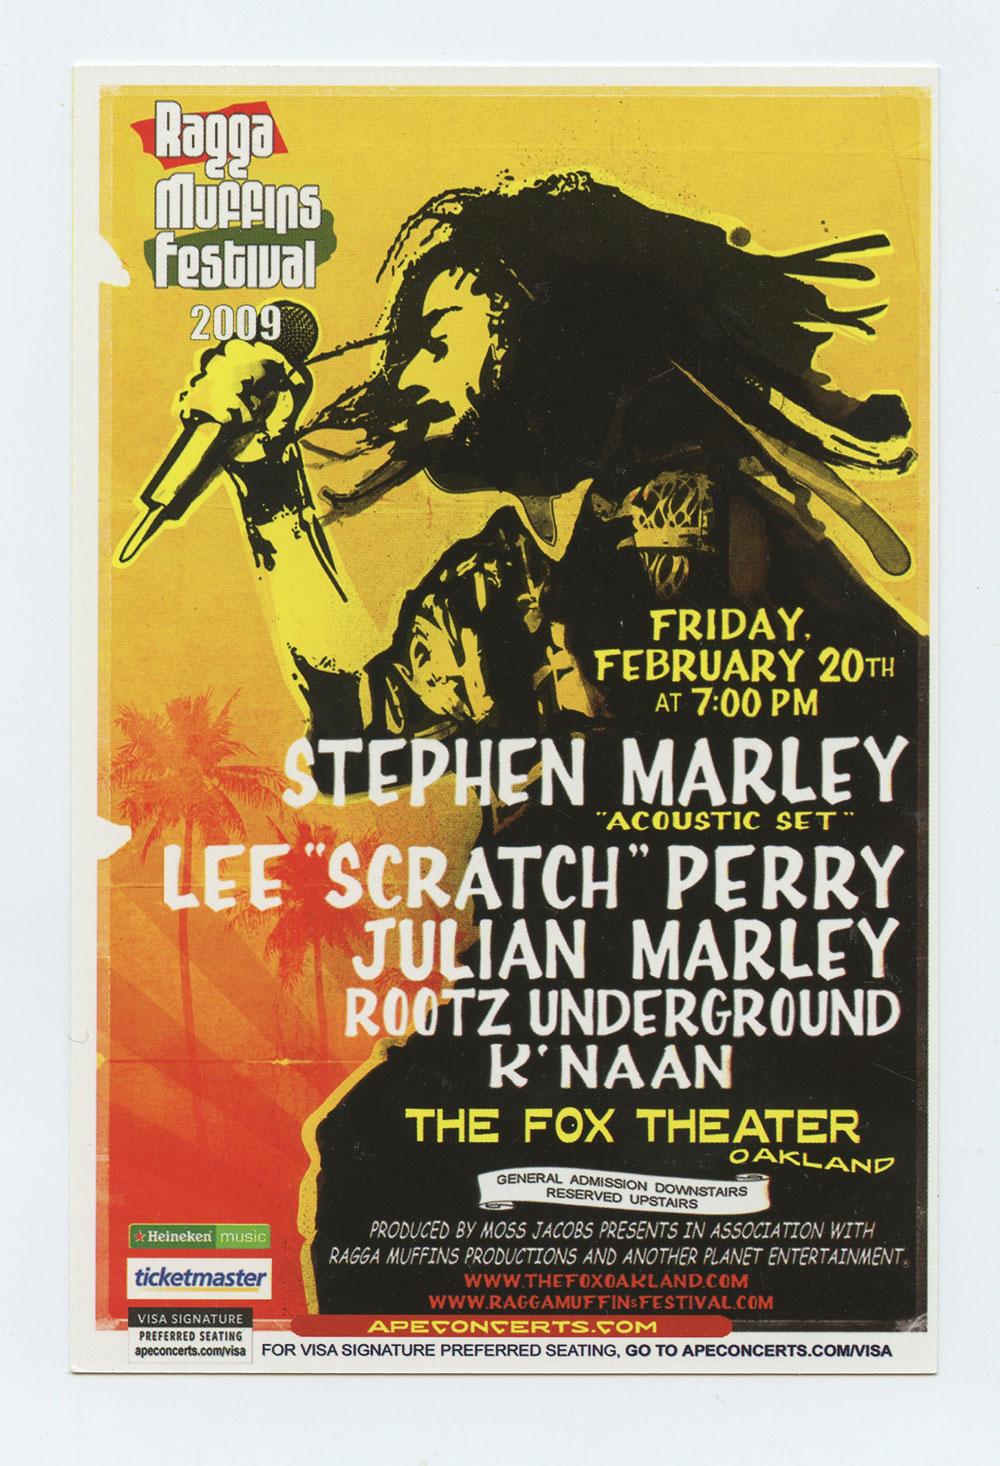 Stephen Marley Handbill Ragga Muffins Festival 2009 Fox Theatre Oakland